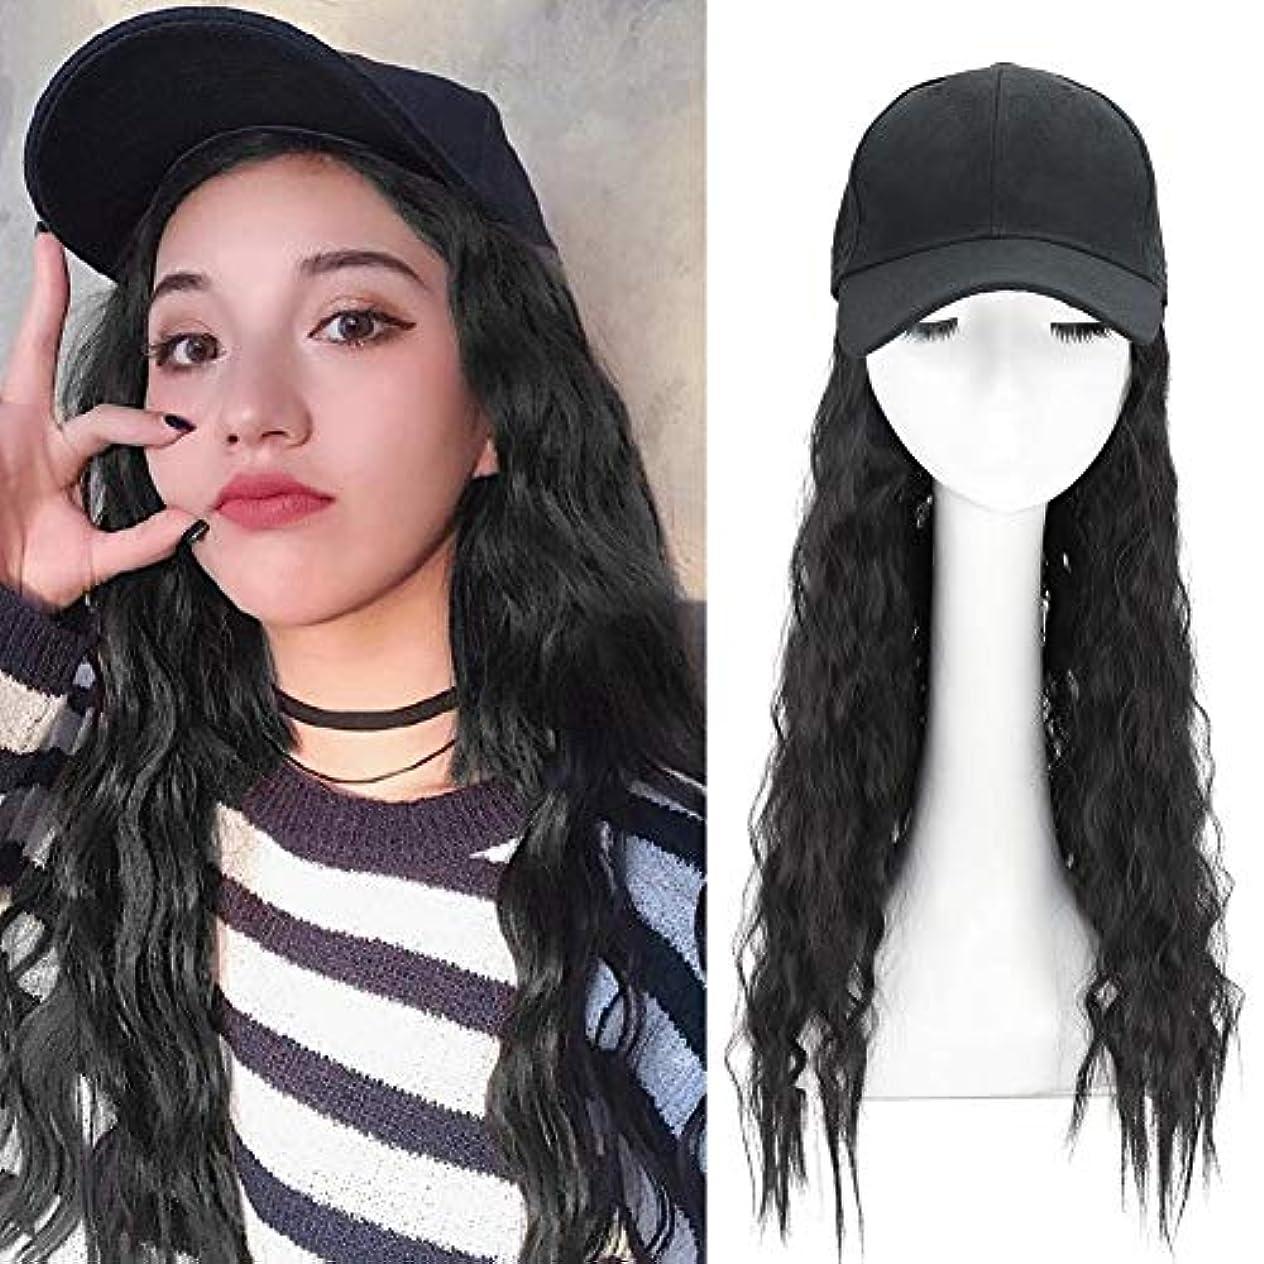 にもかかわらず印象的発信長い巻き毛を持つ合成長波野球帽合成毛を持つ波状かつらキャップ女の子のための髪を持つ調整可能な野球帽帽子